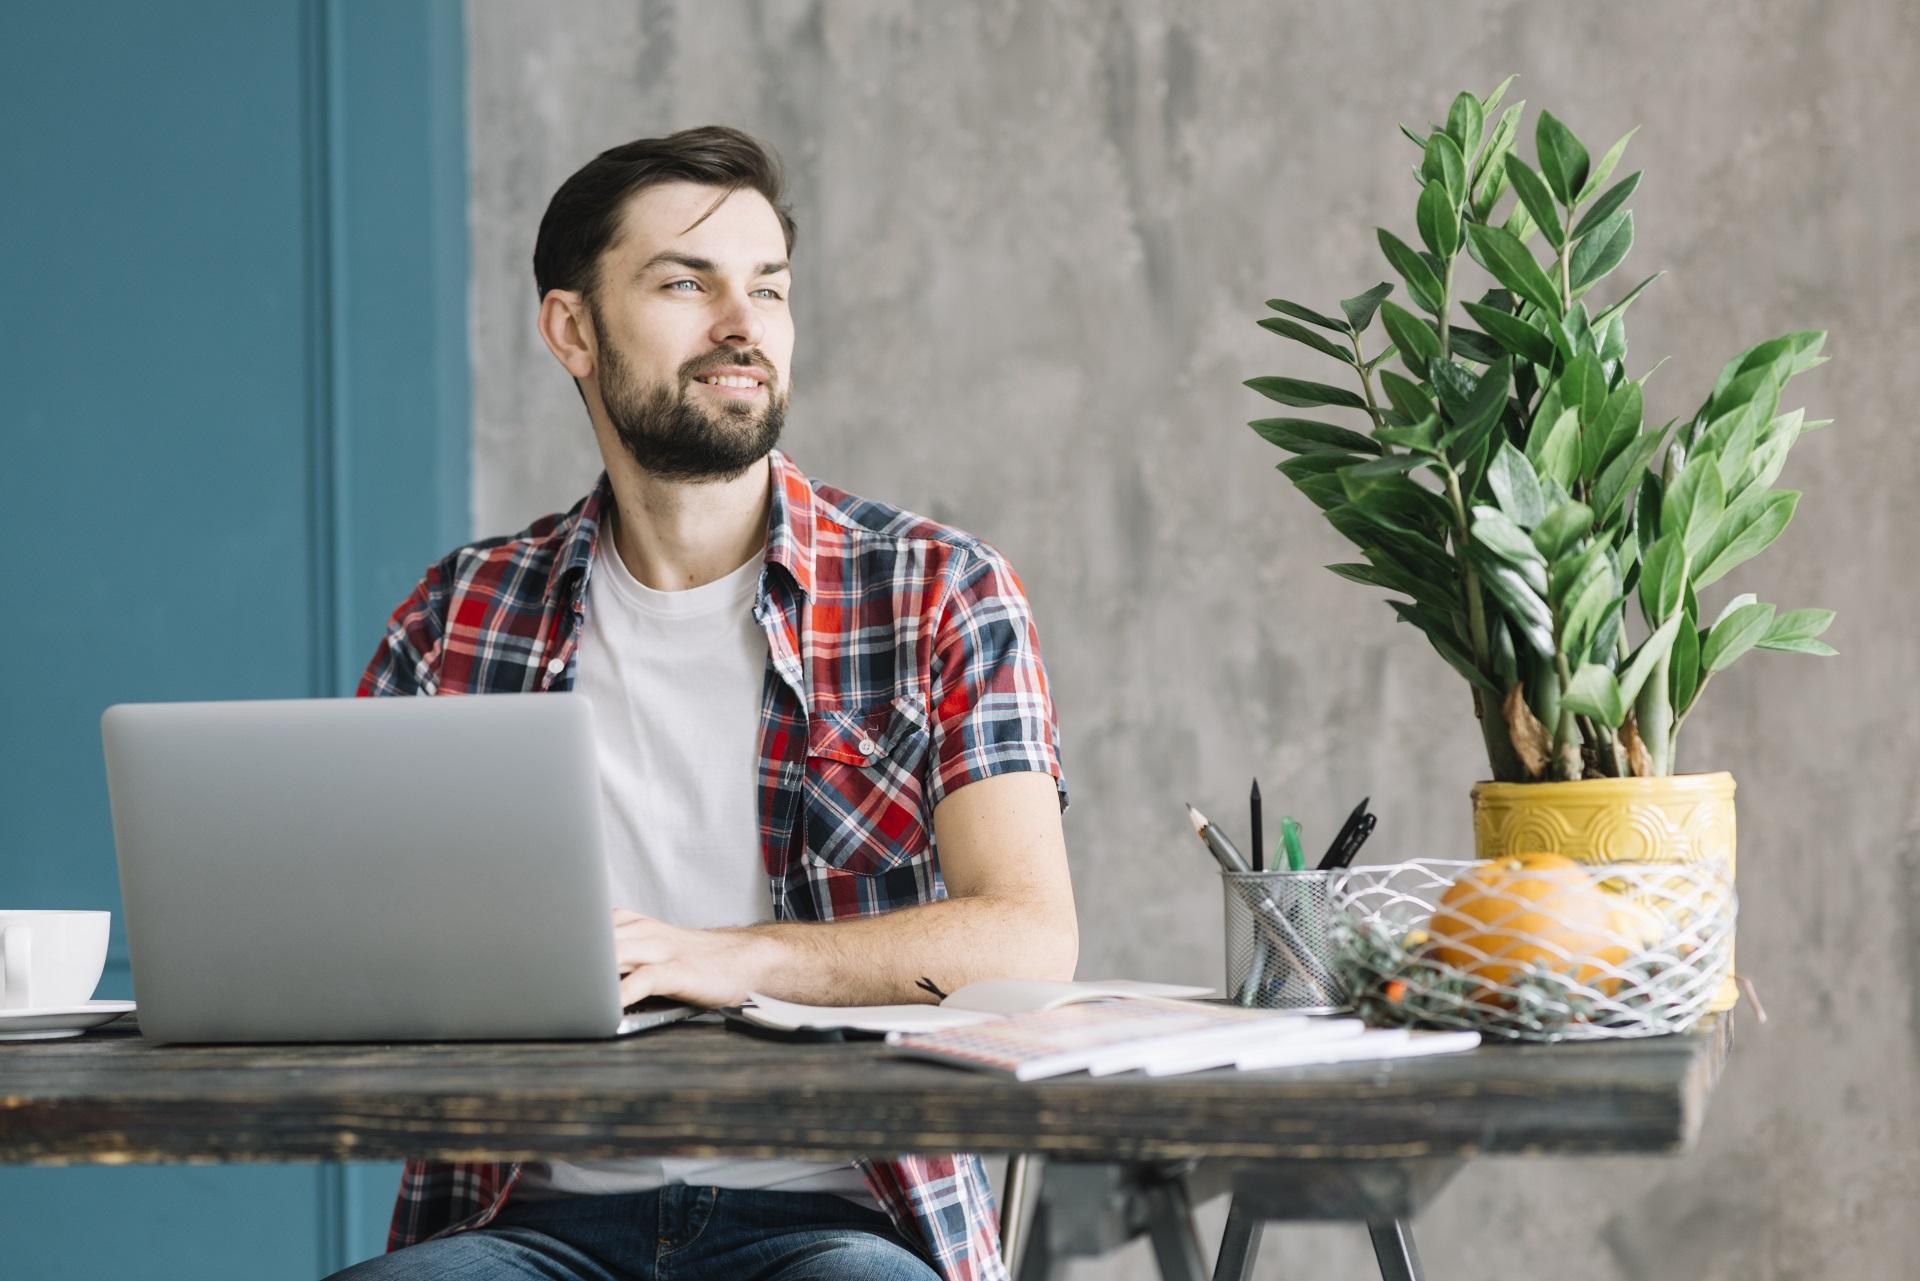 как заработать на фрилансе дизайнеру